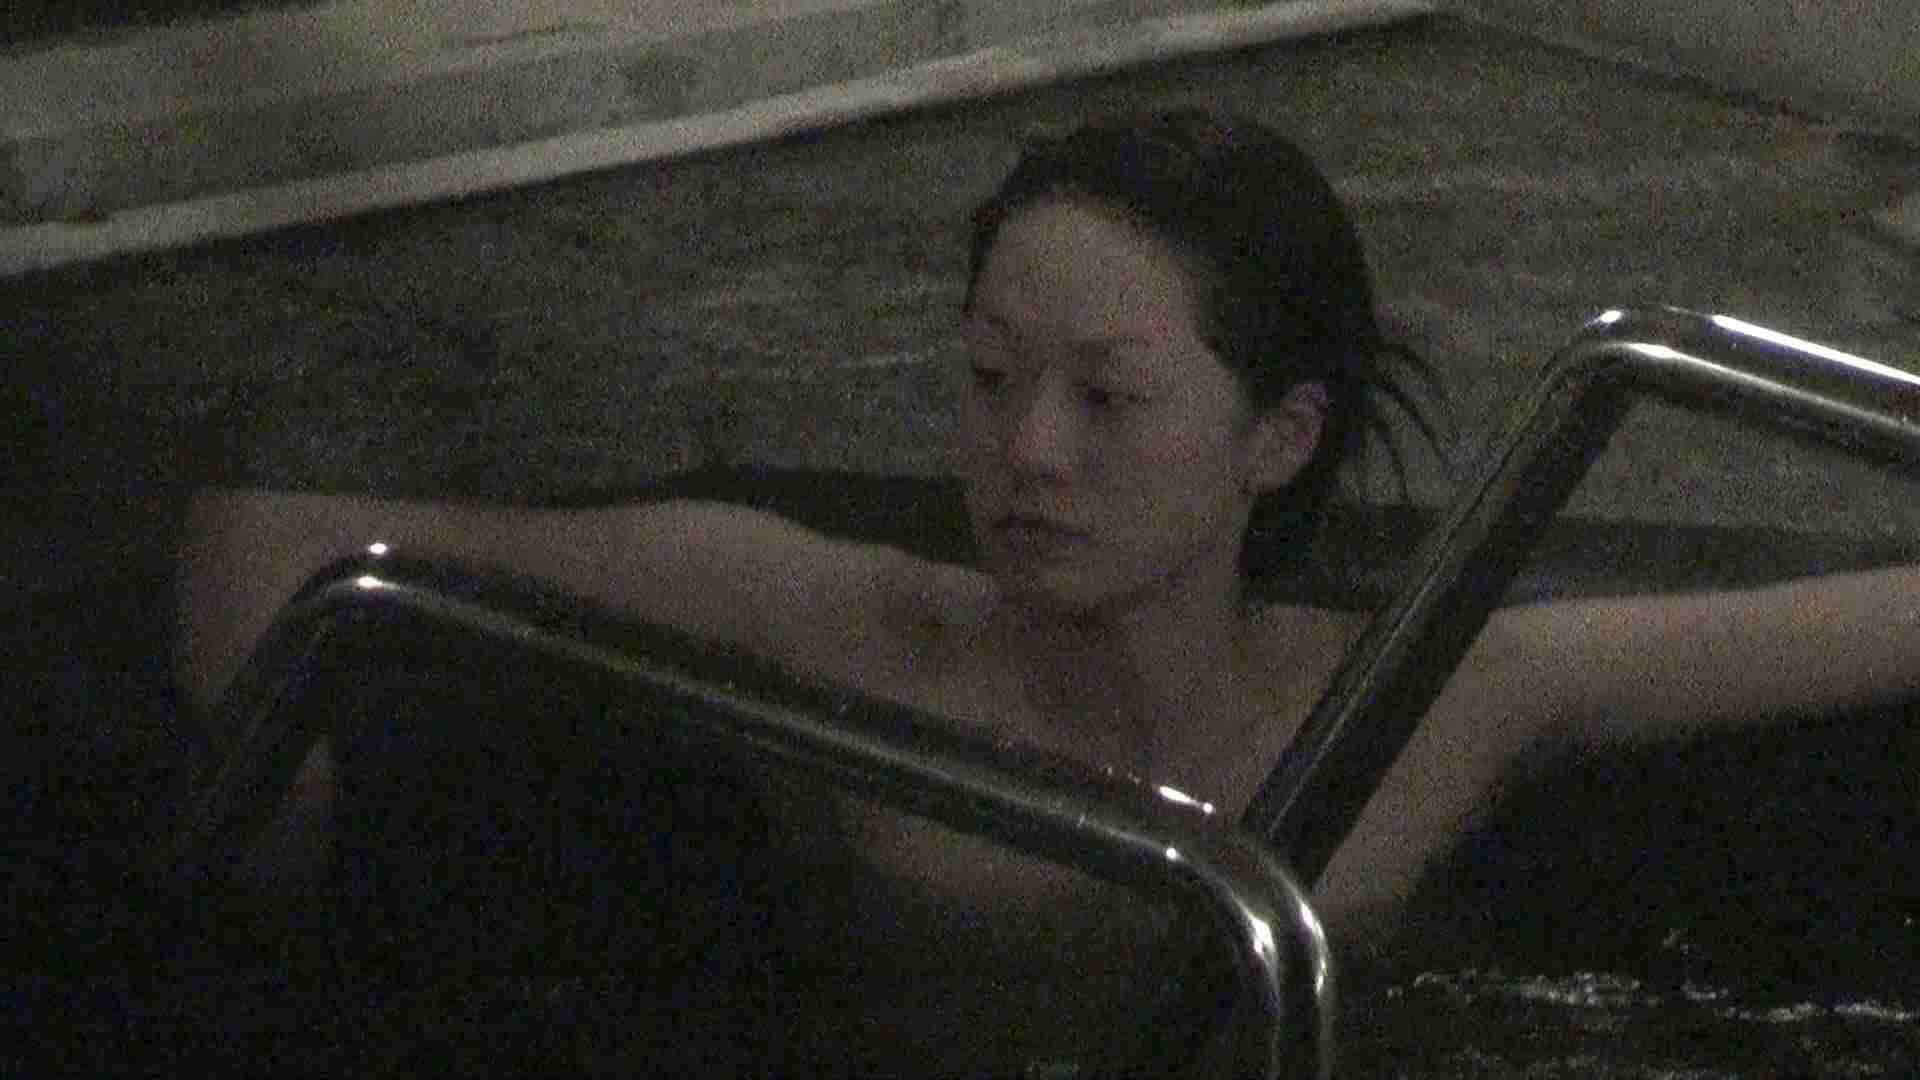 Aquaな露天風呂Vol.318 露天風呂突入 隠し撮りオマンコ動画紹介 105pic 14